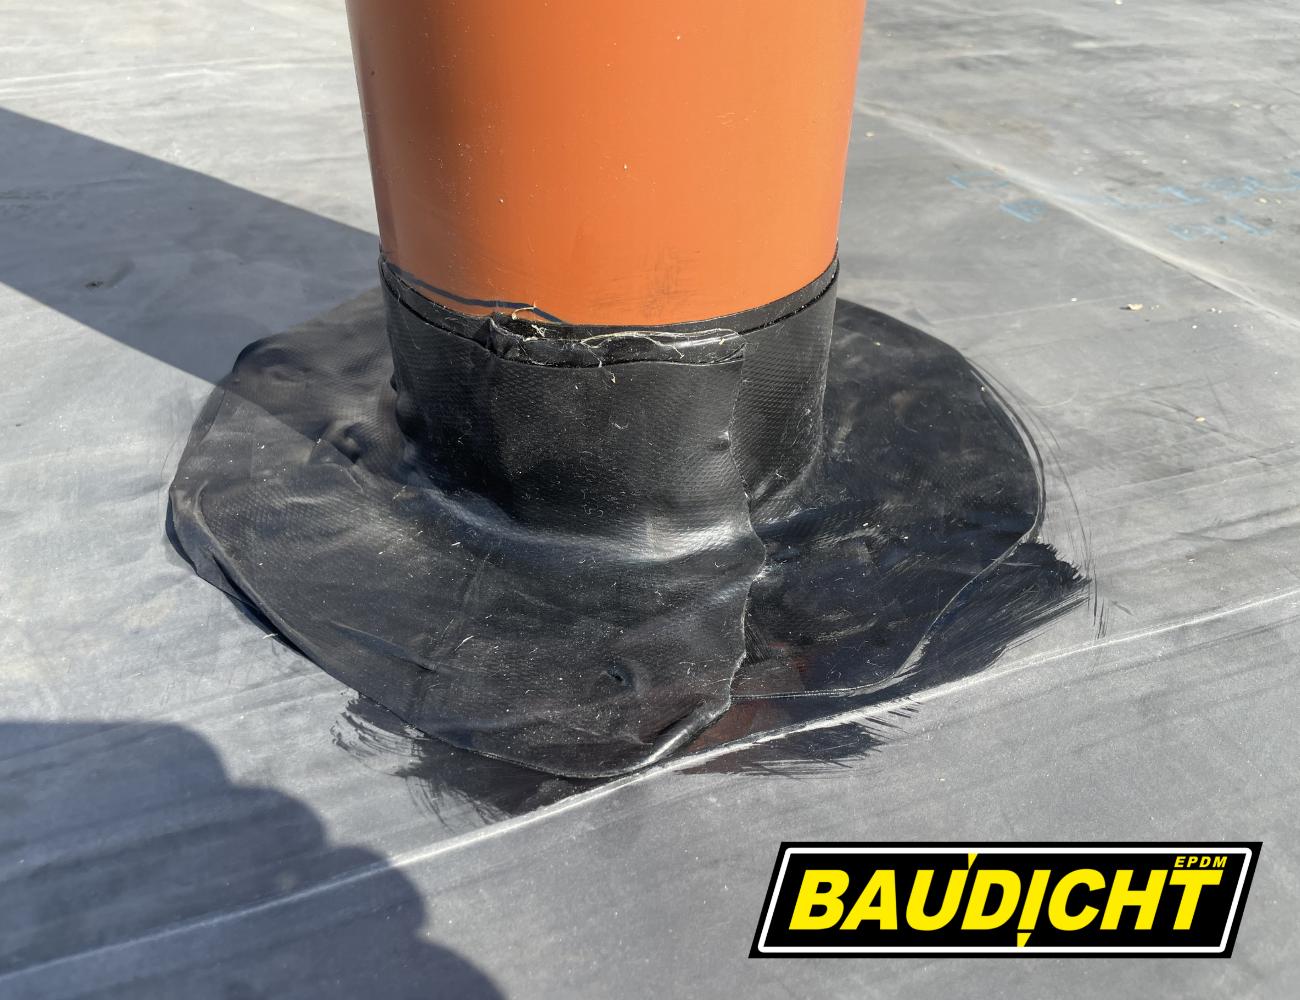 BAUDICHT EPDM Bauwerksabdichtung Rohrdurchdringung mit Formband abdichten